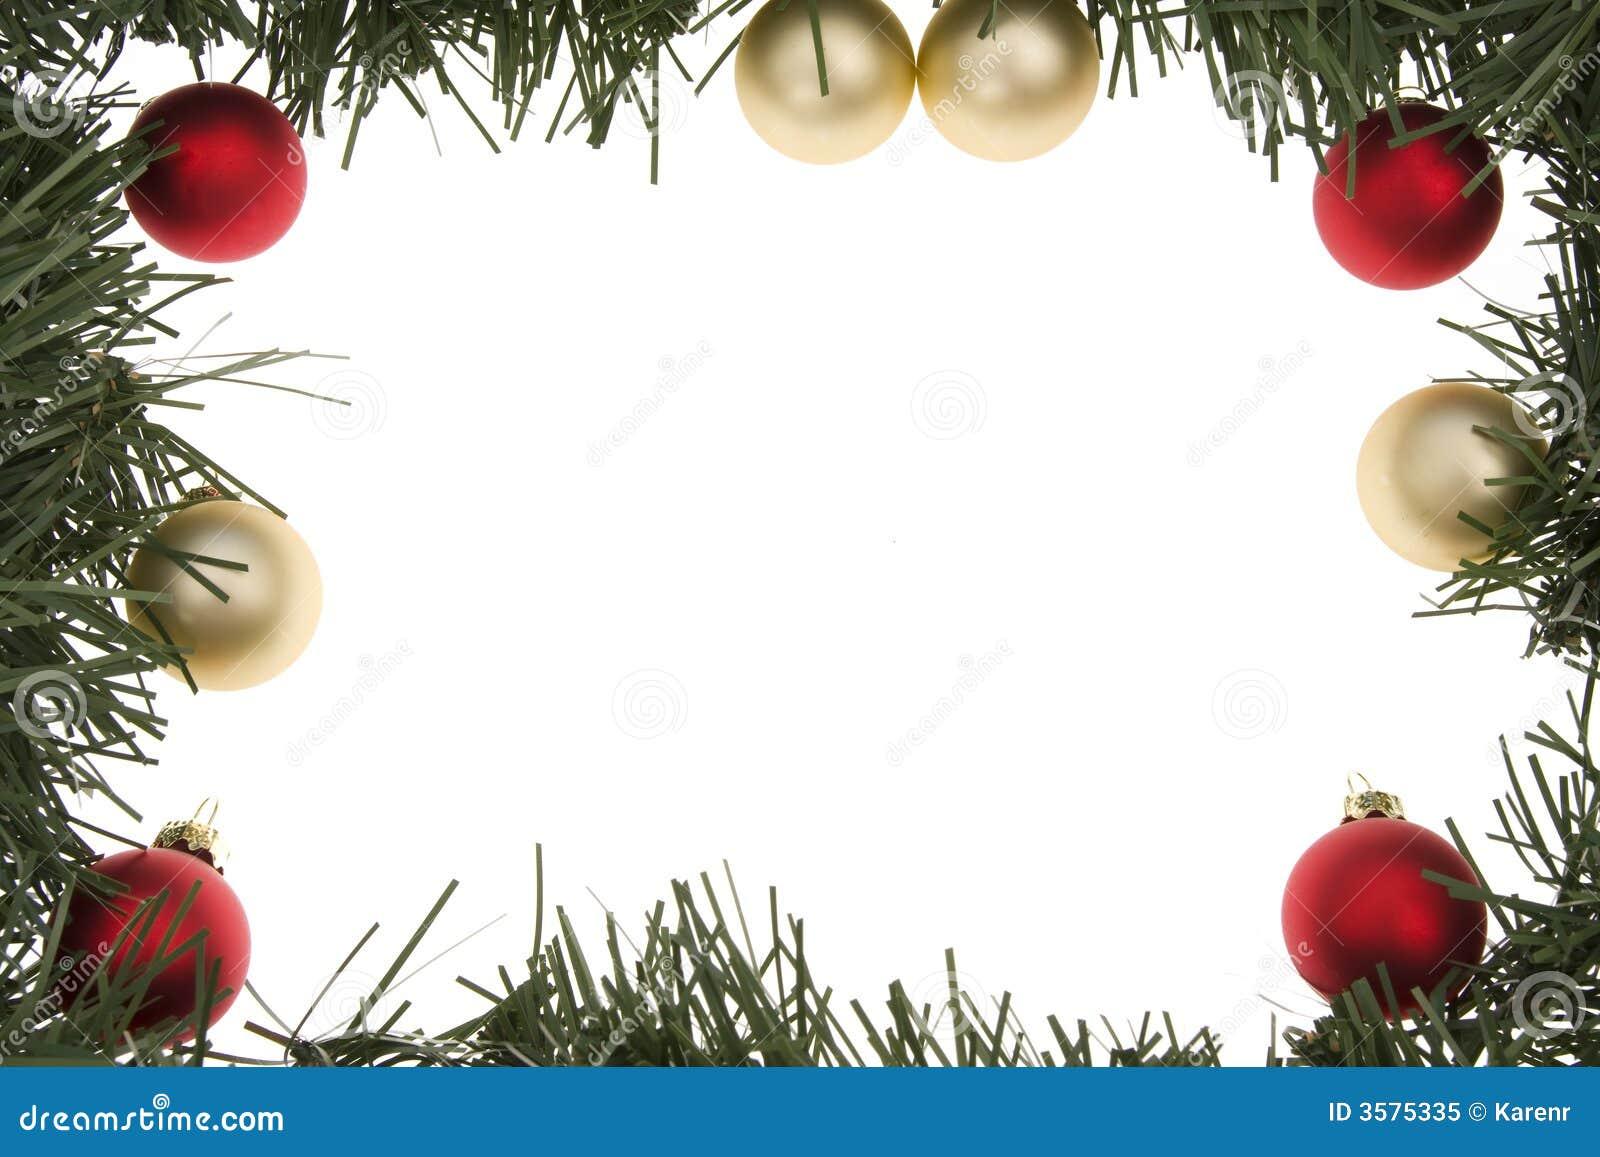 christmas wreath frame - Wreath Frame